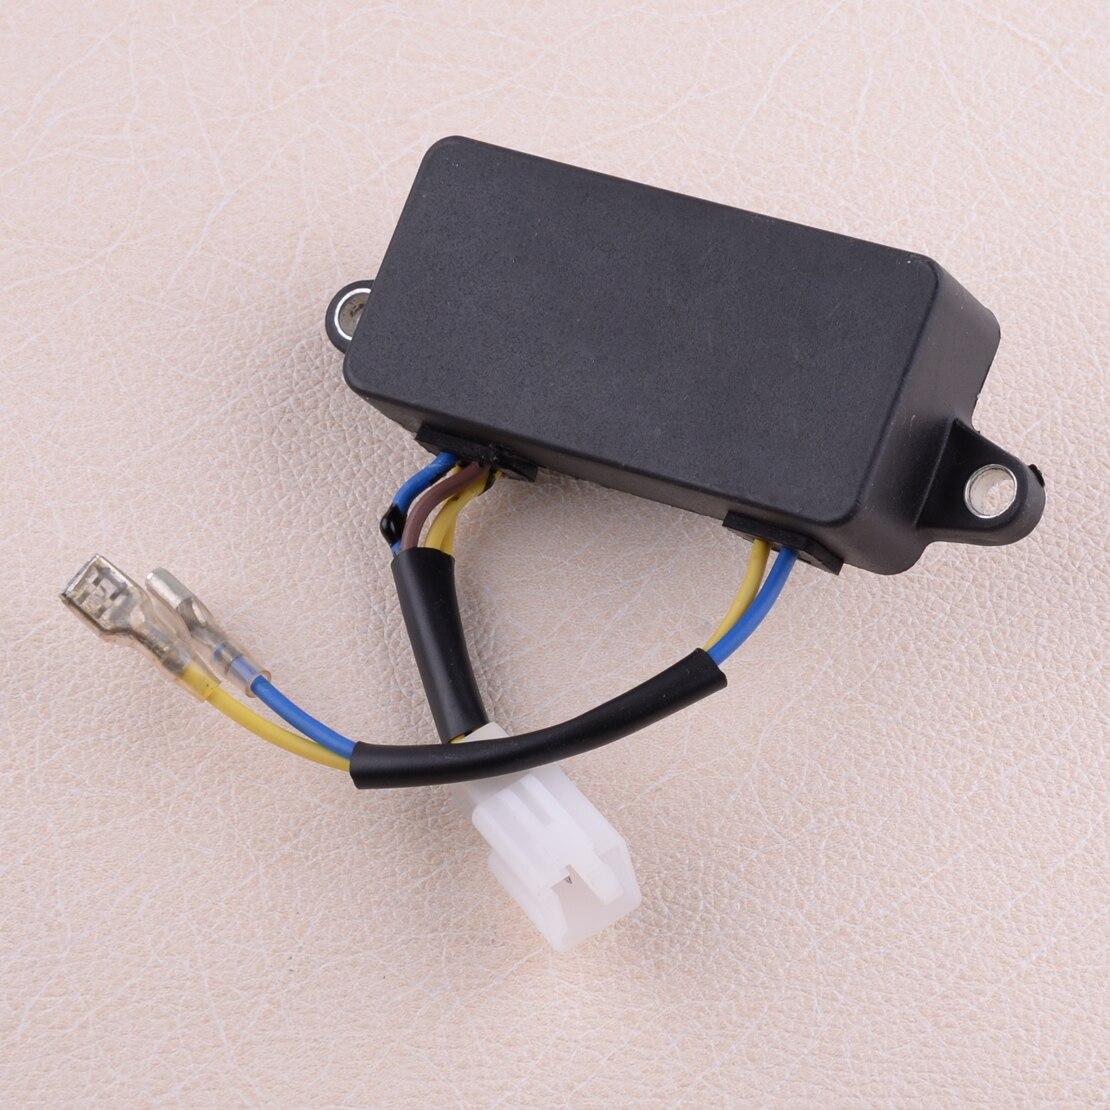 LETAOSK AVR Automatic Voltage Regulator Rectifier For UST Gasoline Generator LIHUA 2KW 2.3KW 2.5KW 2.8KW 3KW 3.5KW 4.2KW 4.5KW